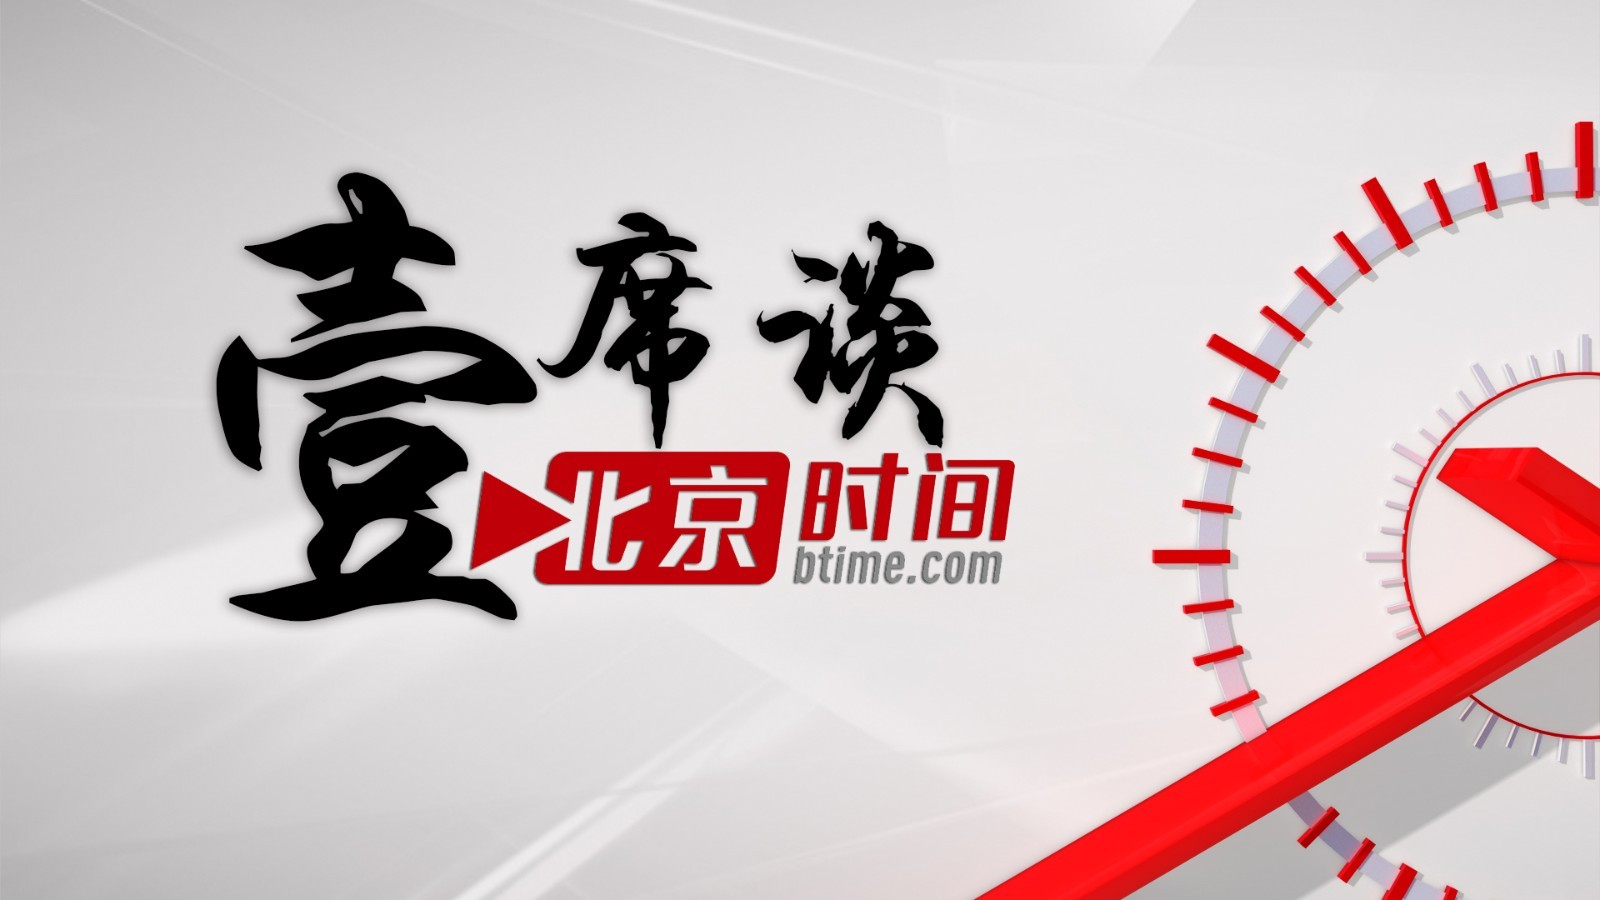 北京时间原创-一席谈